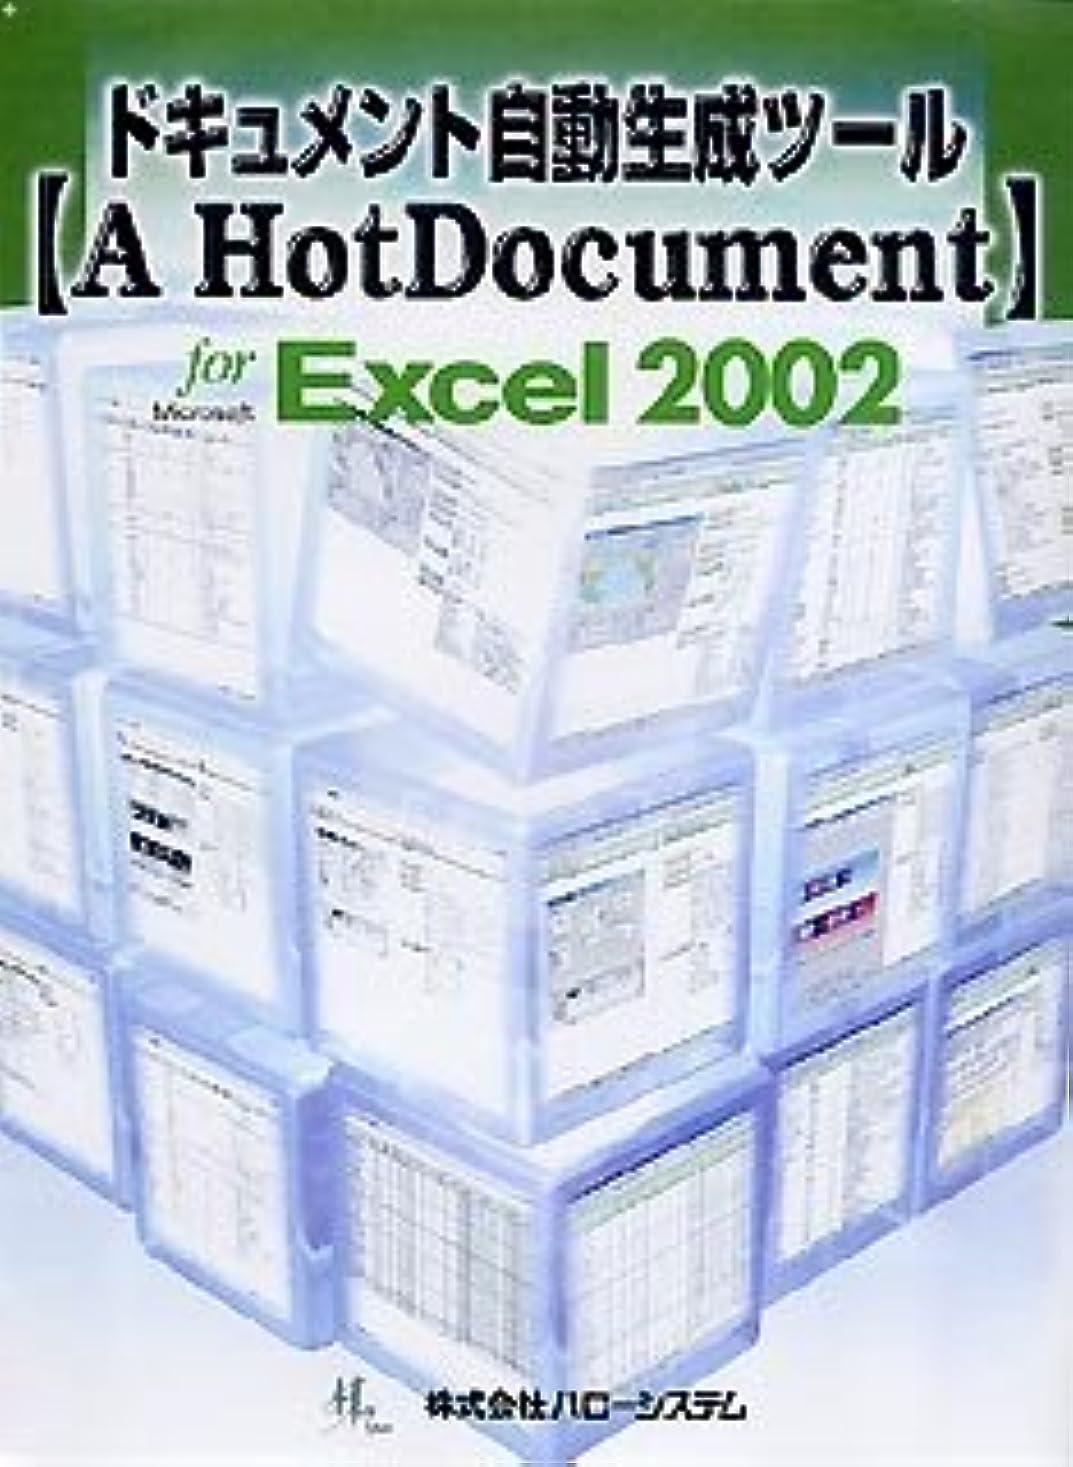 適性熱意合理的ドキュメント自動生成ツール【A HotDocument】 for Microsoft Excel 2002